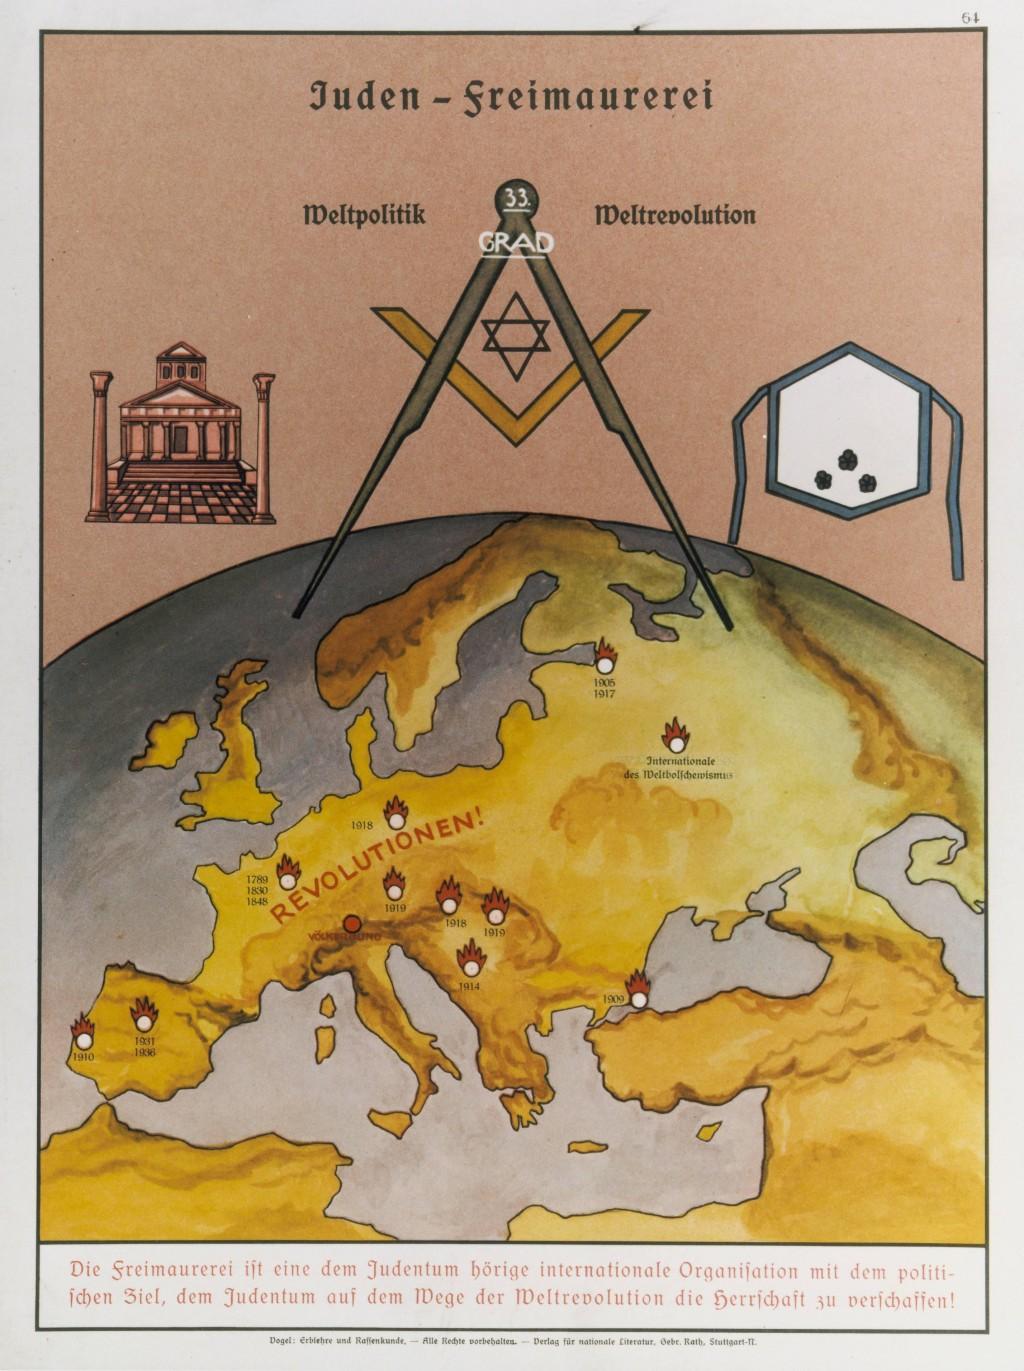 Poster [LCID: 20066vl8]